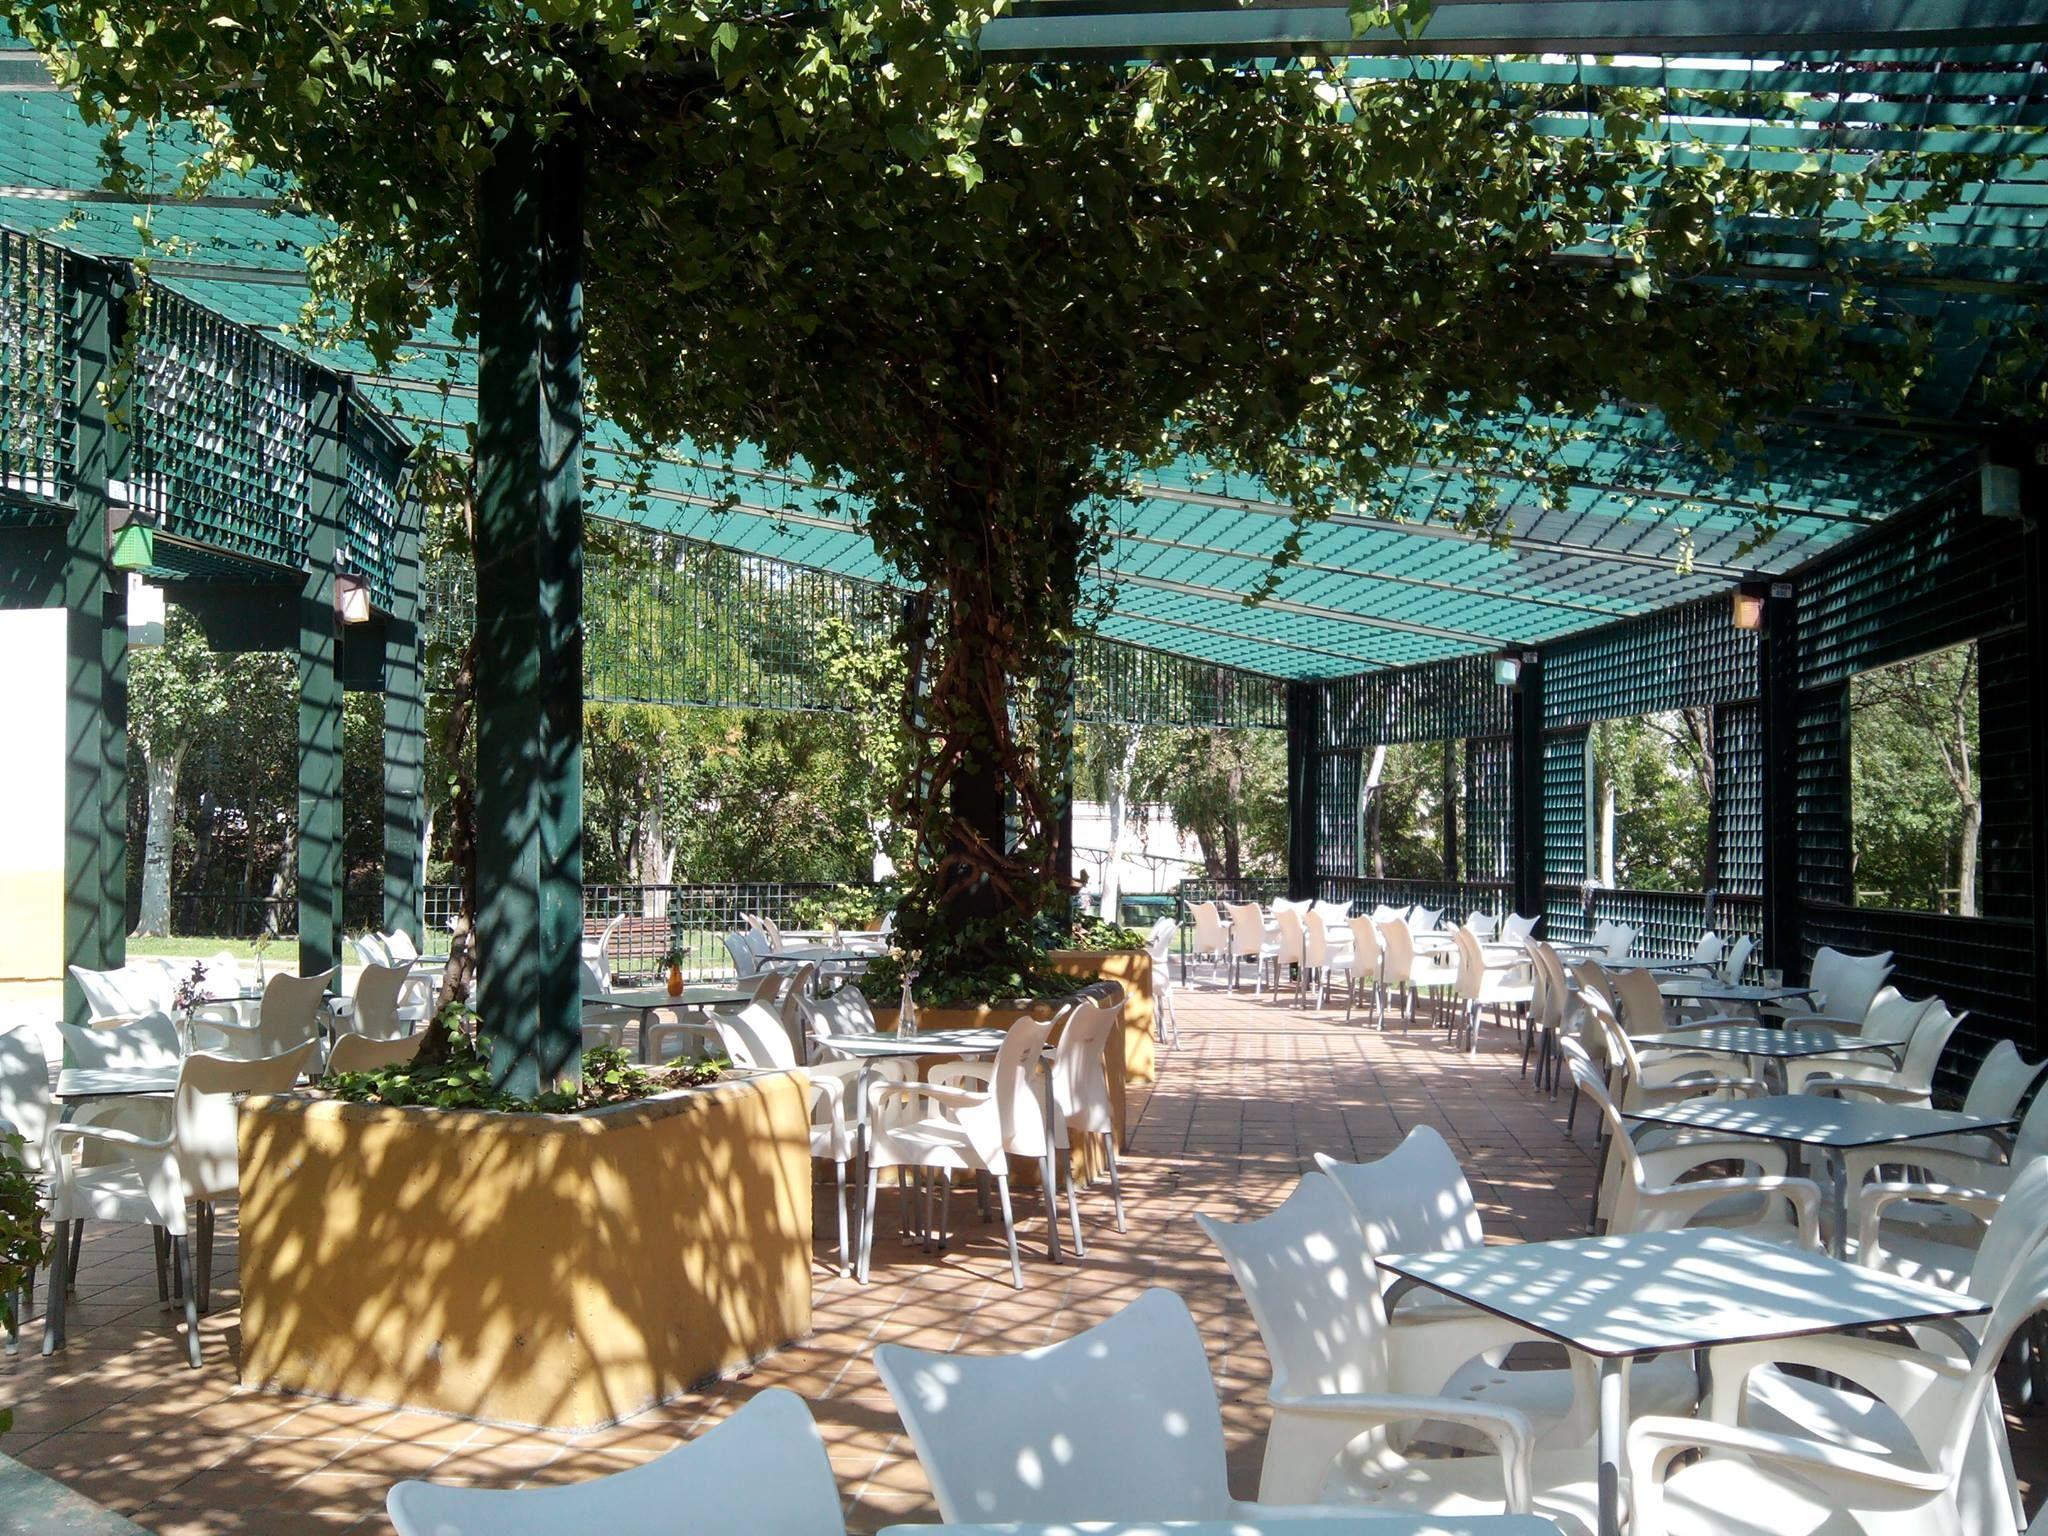 Terraza Villa Felice Villas Terrazas Y Zaragoza